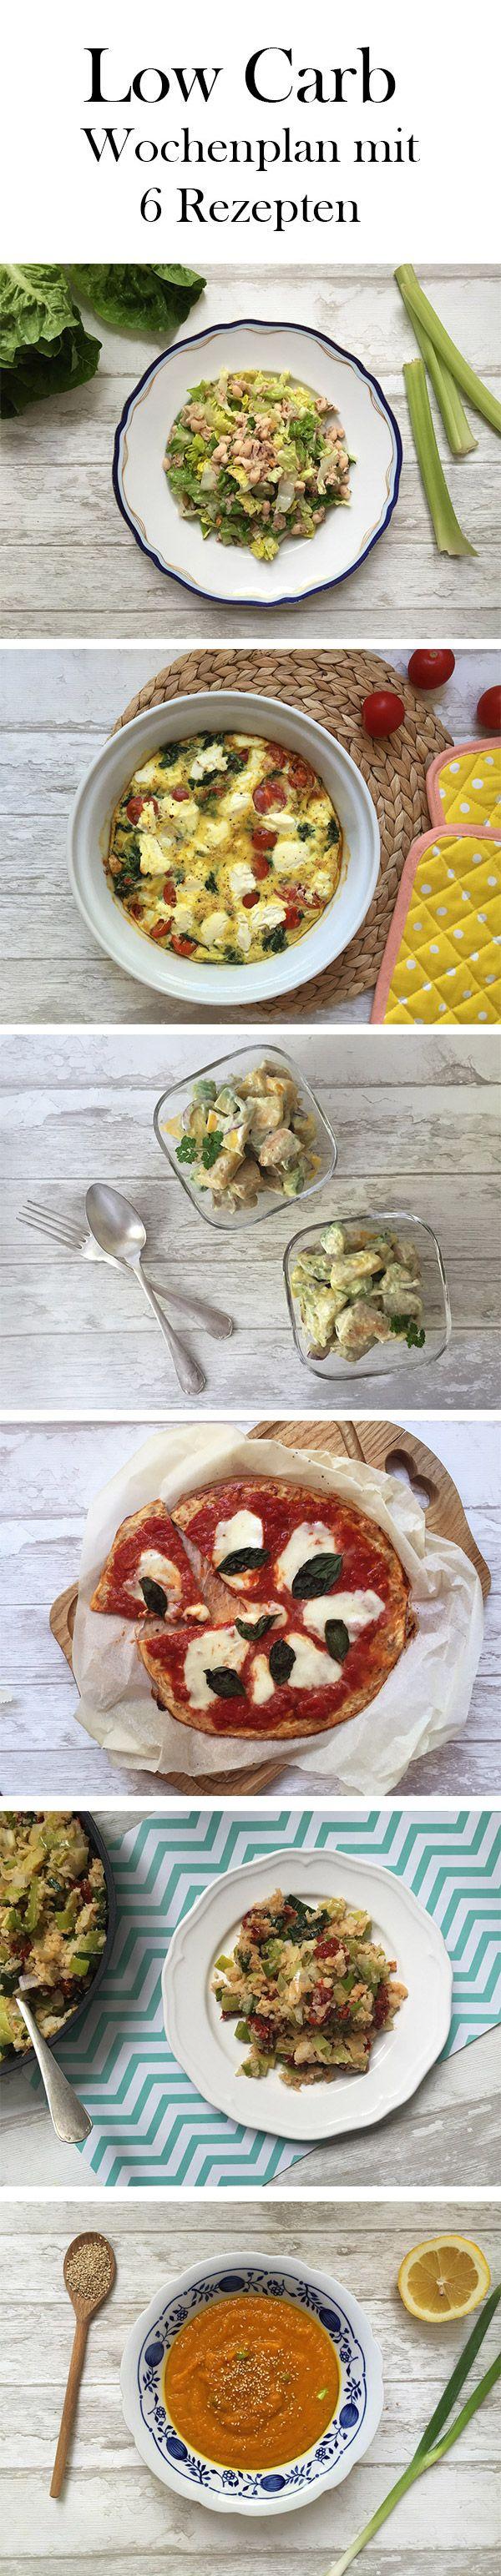 Mit diesem Low Carb Plan merkst du nicht einmal, dass du dich Low Carb ernährst, bis es zu spät ist! Sechs leckere Gerichte machen es dir ganz leicht auf deine Linie zu achten, fit zu bleiben und gleichzeitig abwechslungsreich durch den Alltag zu kommen.